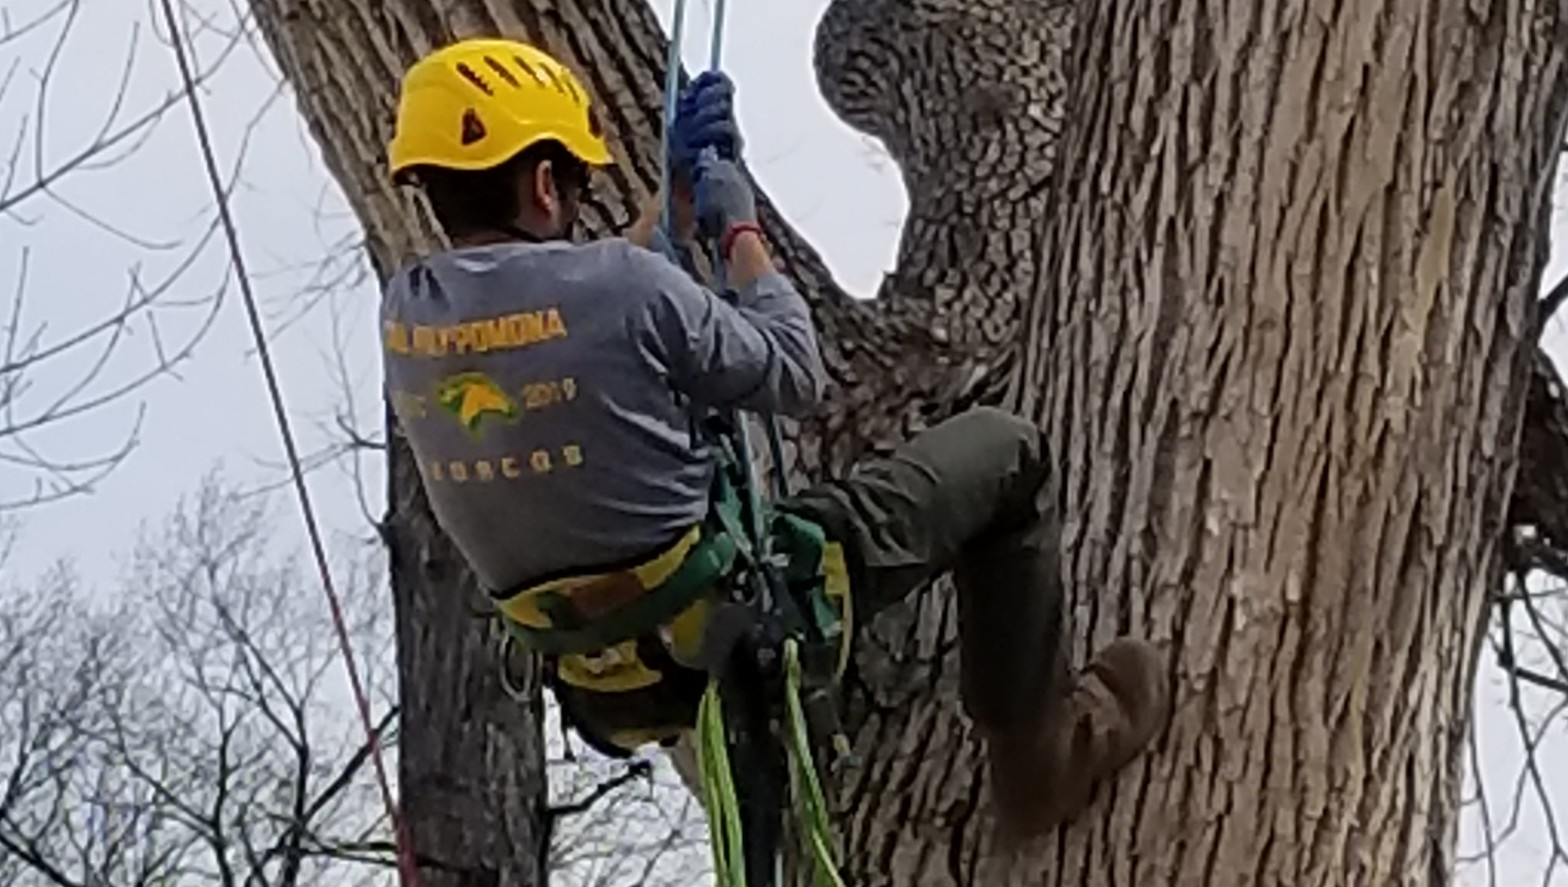 Arboriculture Competition